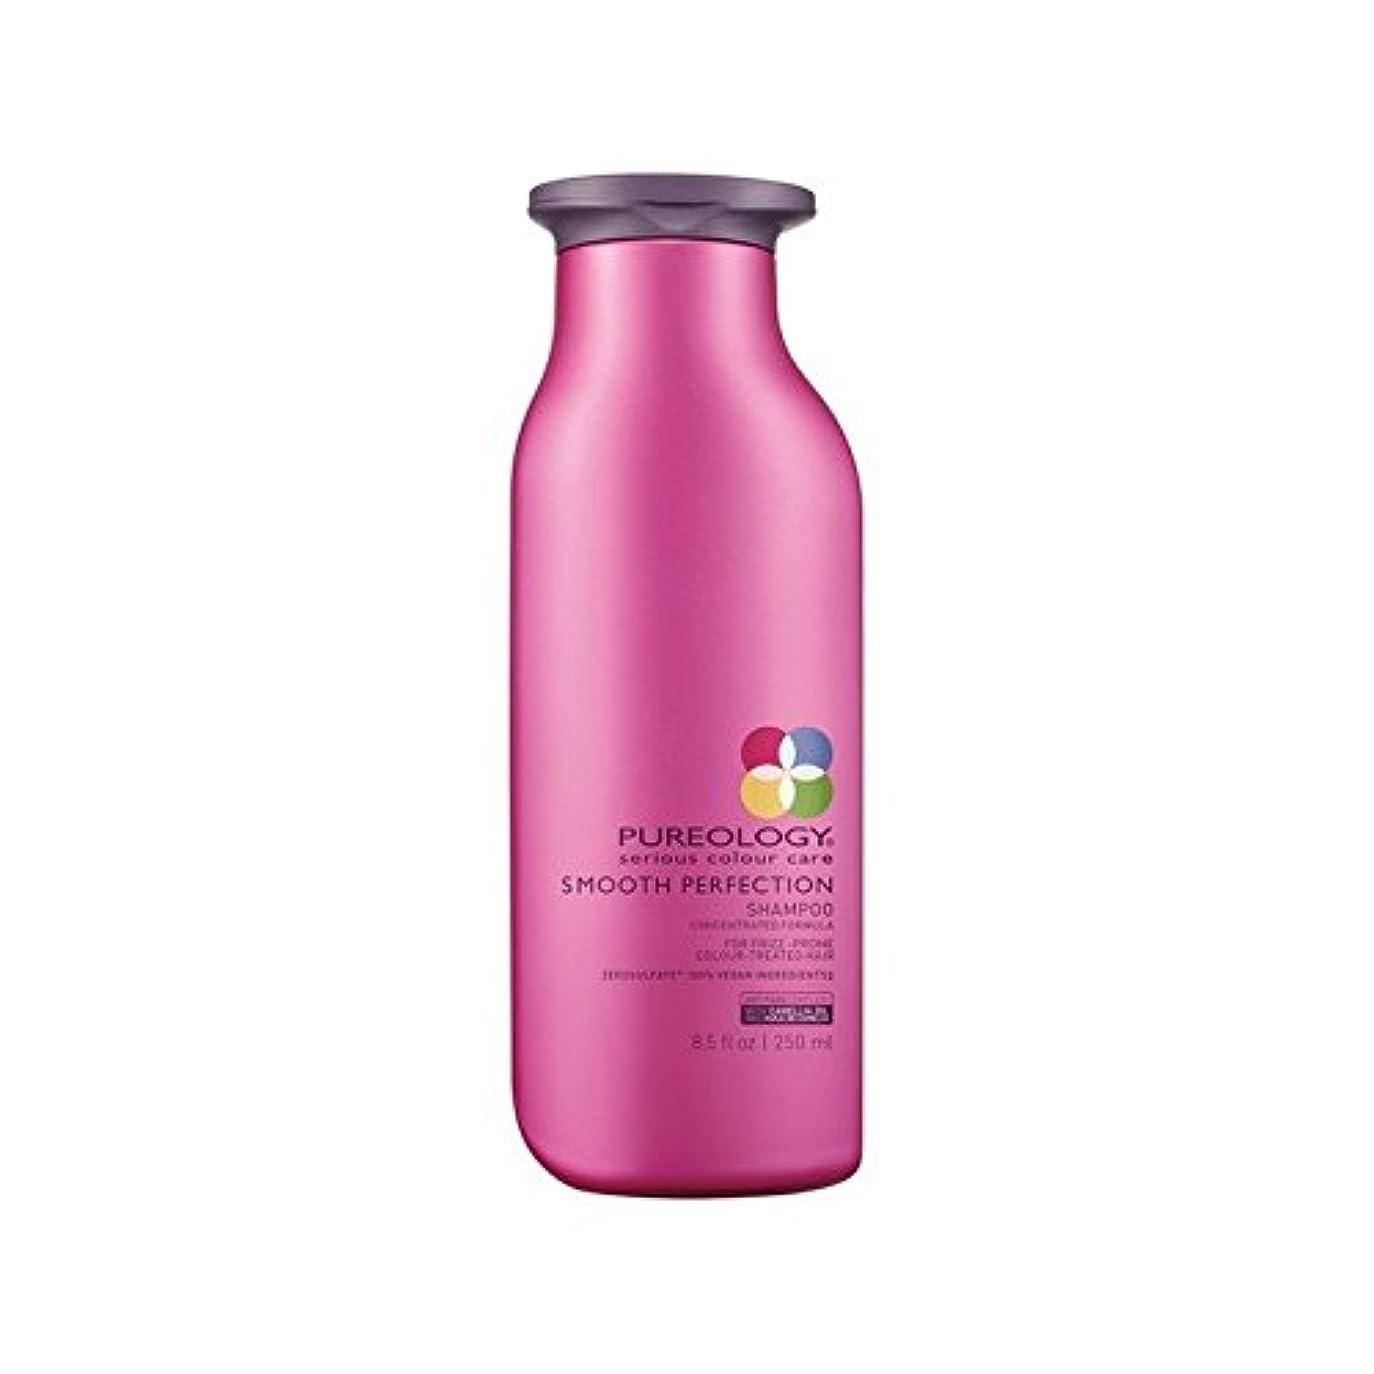 割り込みに関して宣言するPureology Smooth Perfection Shampoo (250ml) - 平滑完全シャンプー(250ミリリットル) [並行輸入品]